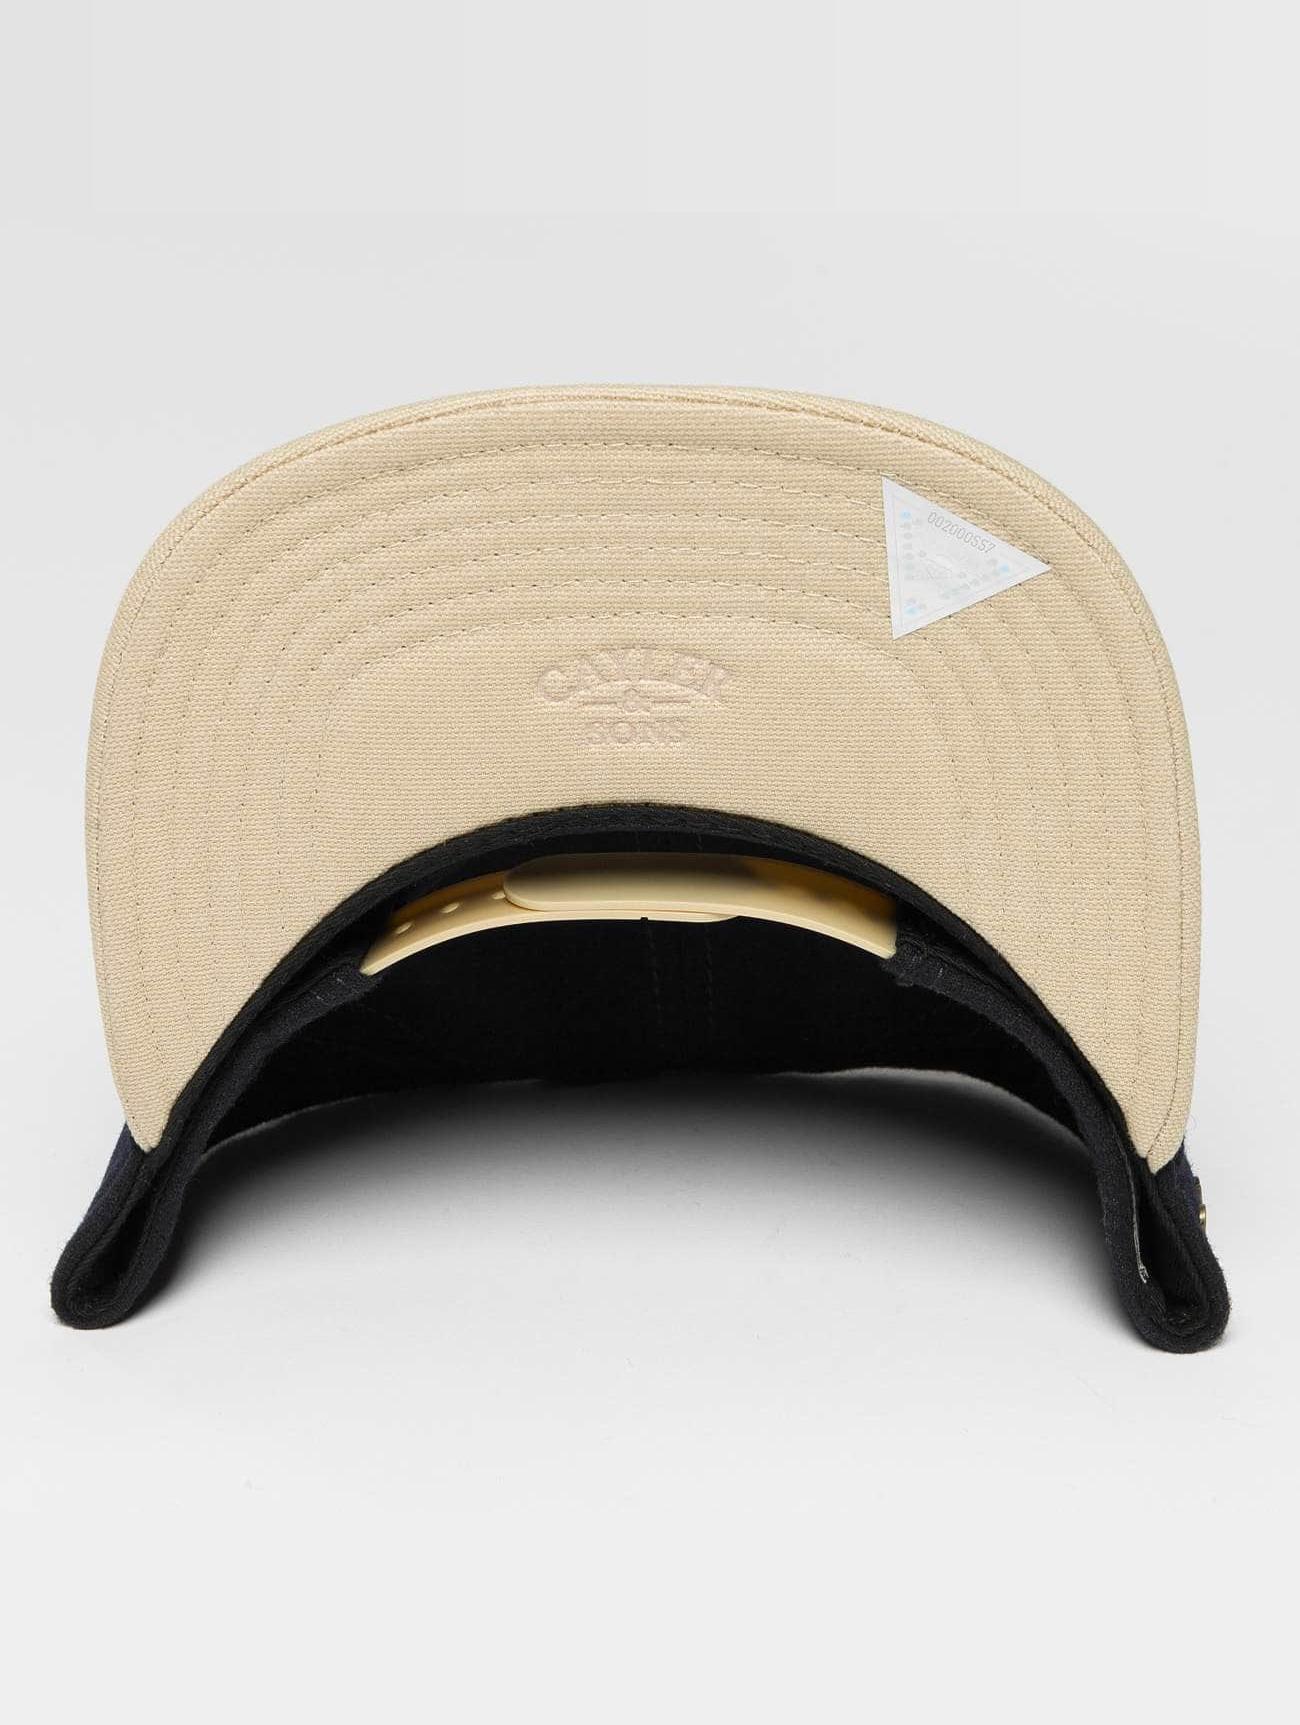 Cayler & Sons  CL Cash  bleu  Casquette Snapback & Strapback  427512 Homme Casquettes